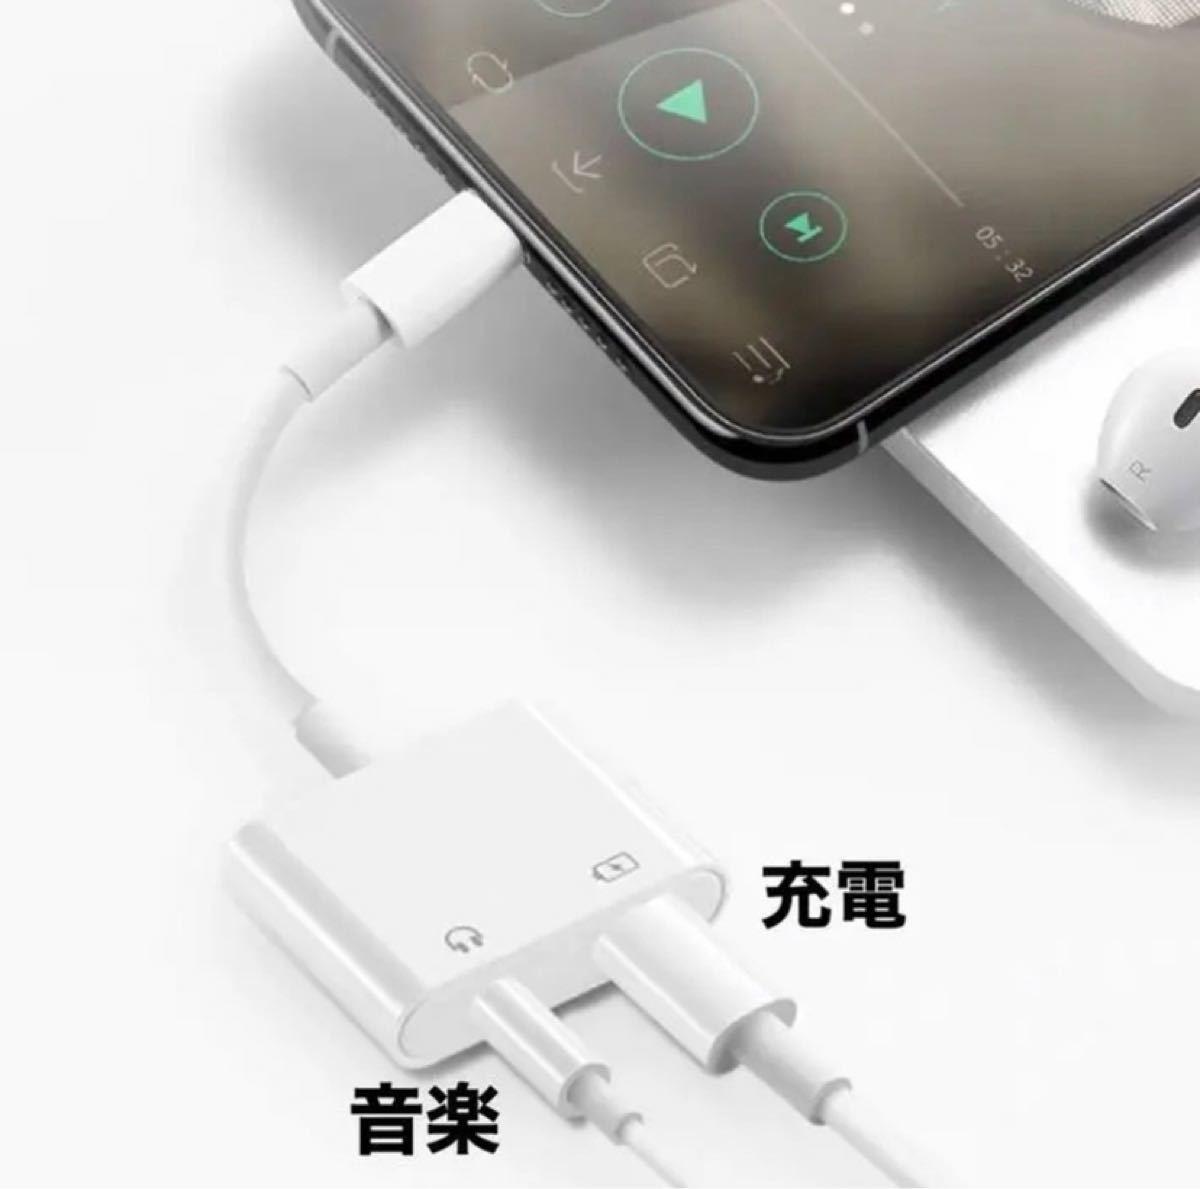 【数量限定】変換アダプタ 充電しながらイヤホン イヤホンジャック型 ×2